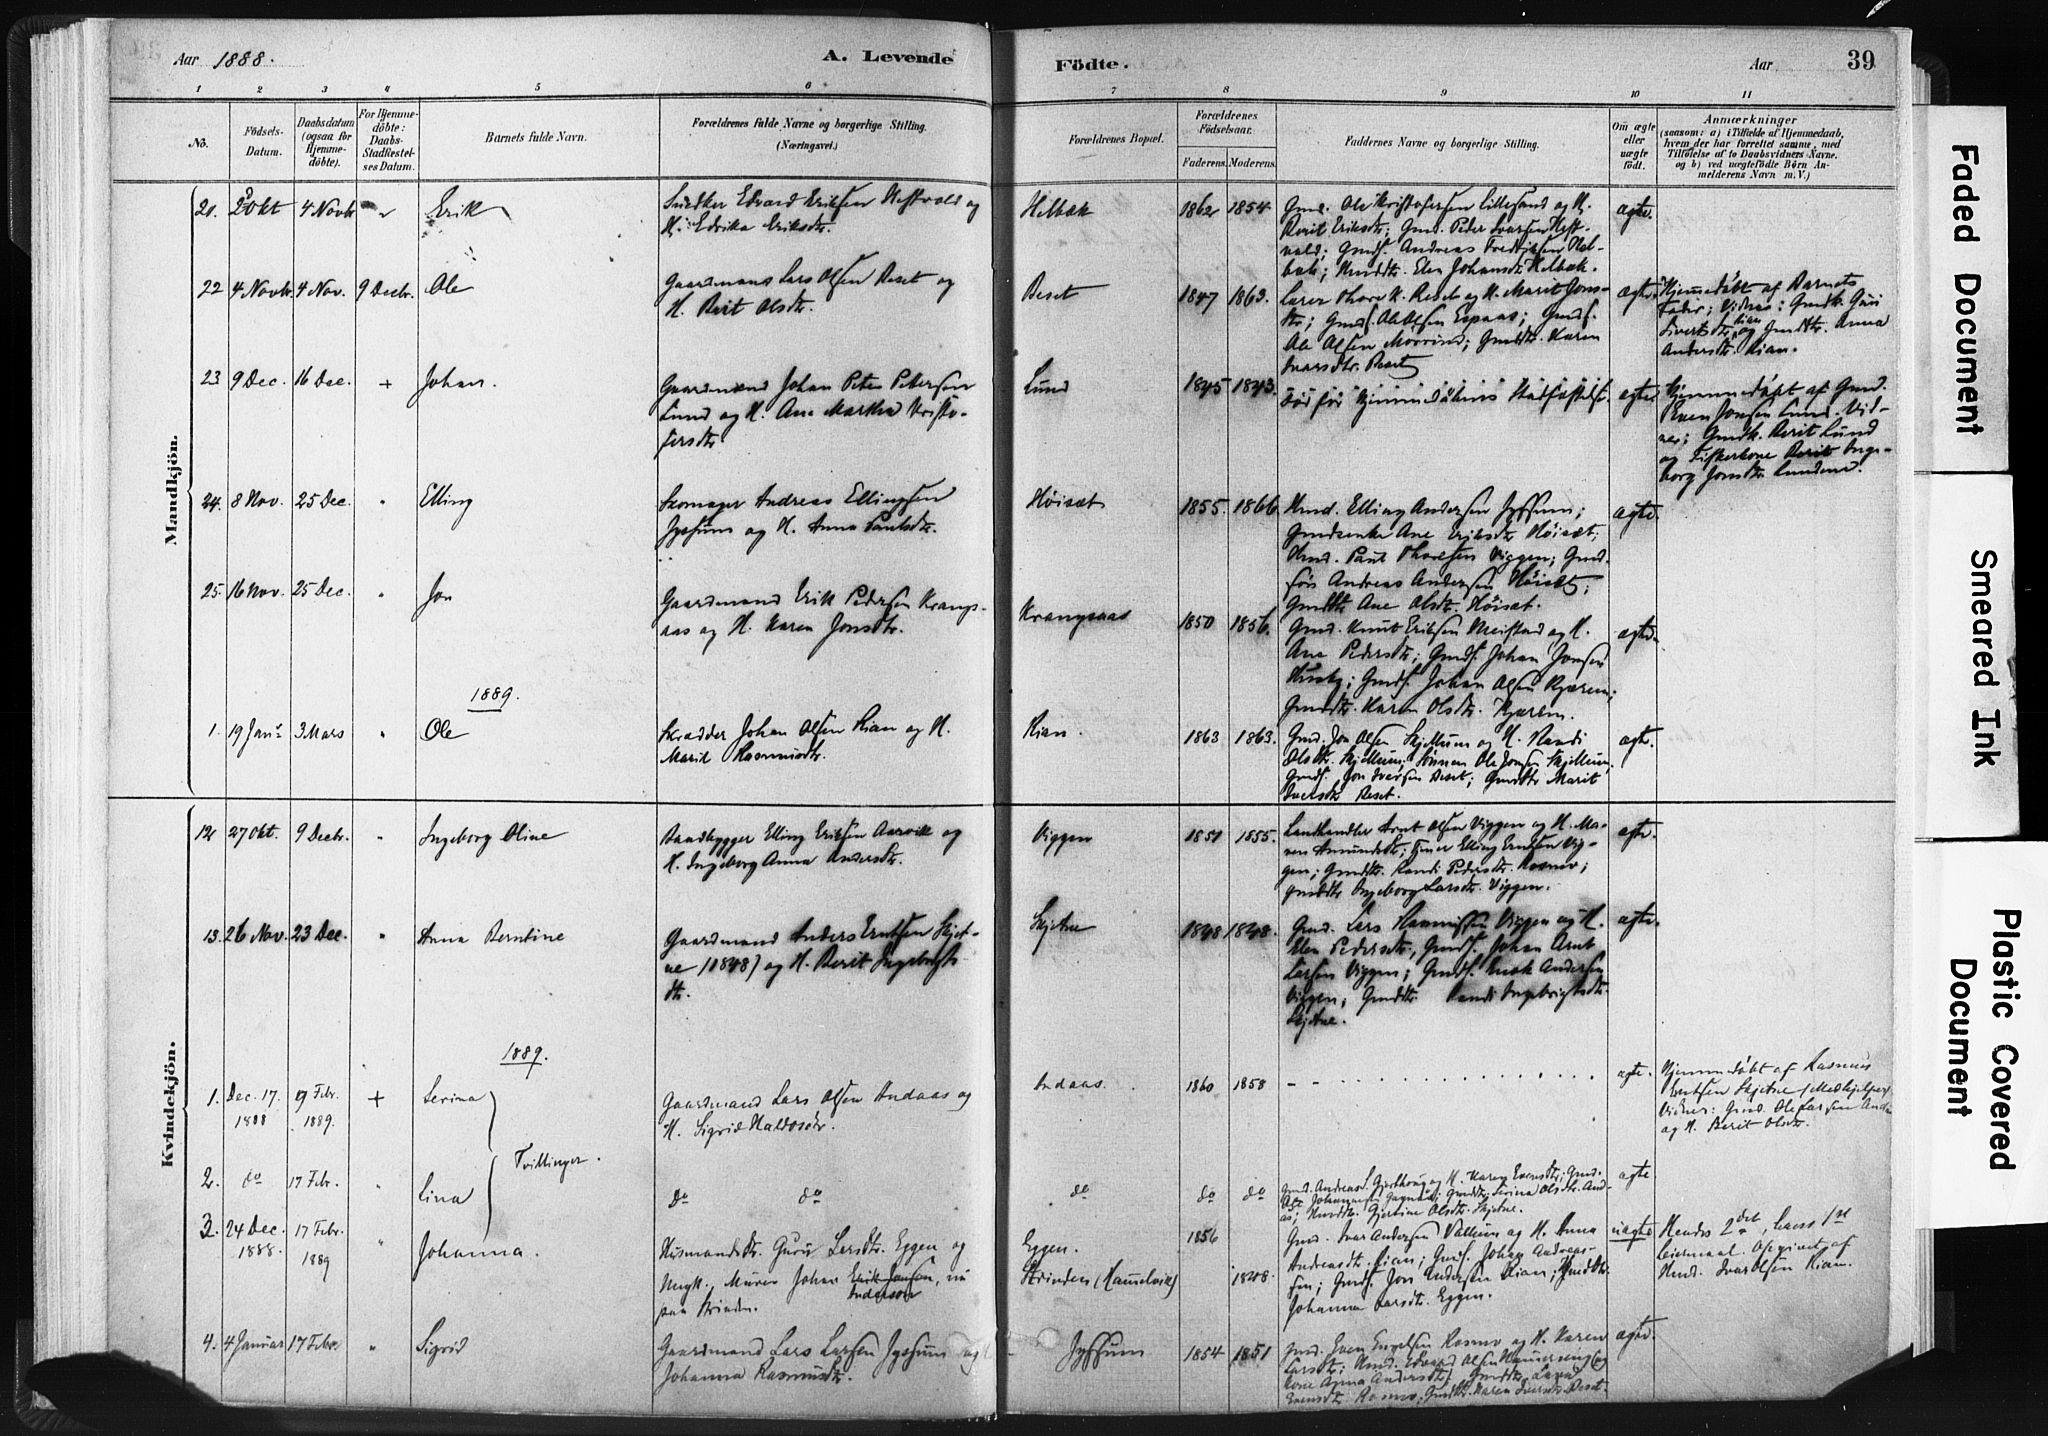 SAT, Ministerialprotokoller, klokkerbøker og fødselsregistre - Sør-Trøndelag, 665/L0773: Ministerialbok nr. 665A08, 1879-1905, s. 39